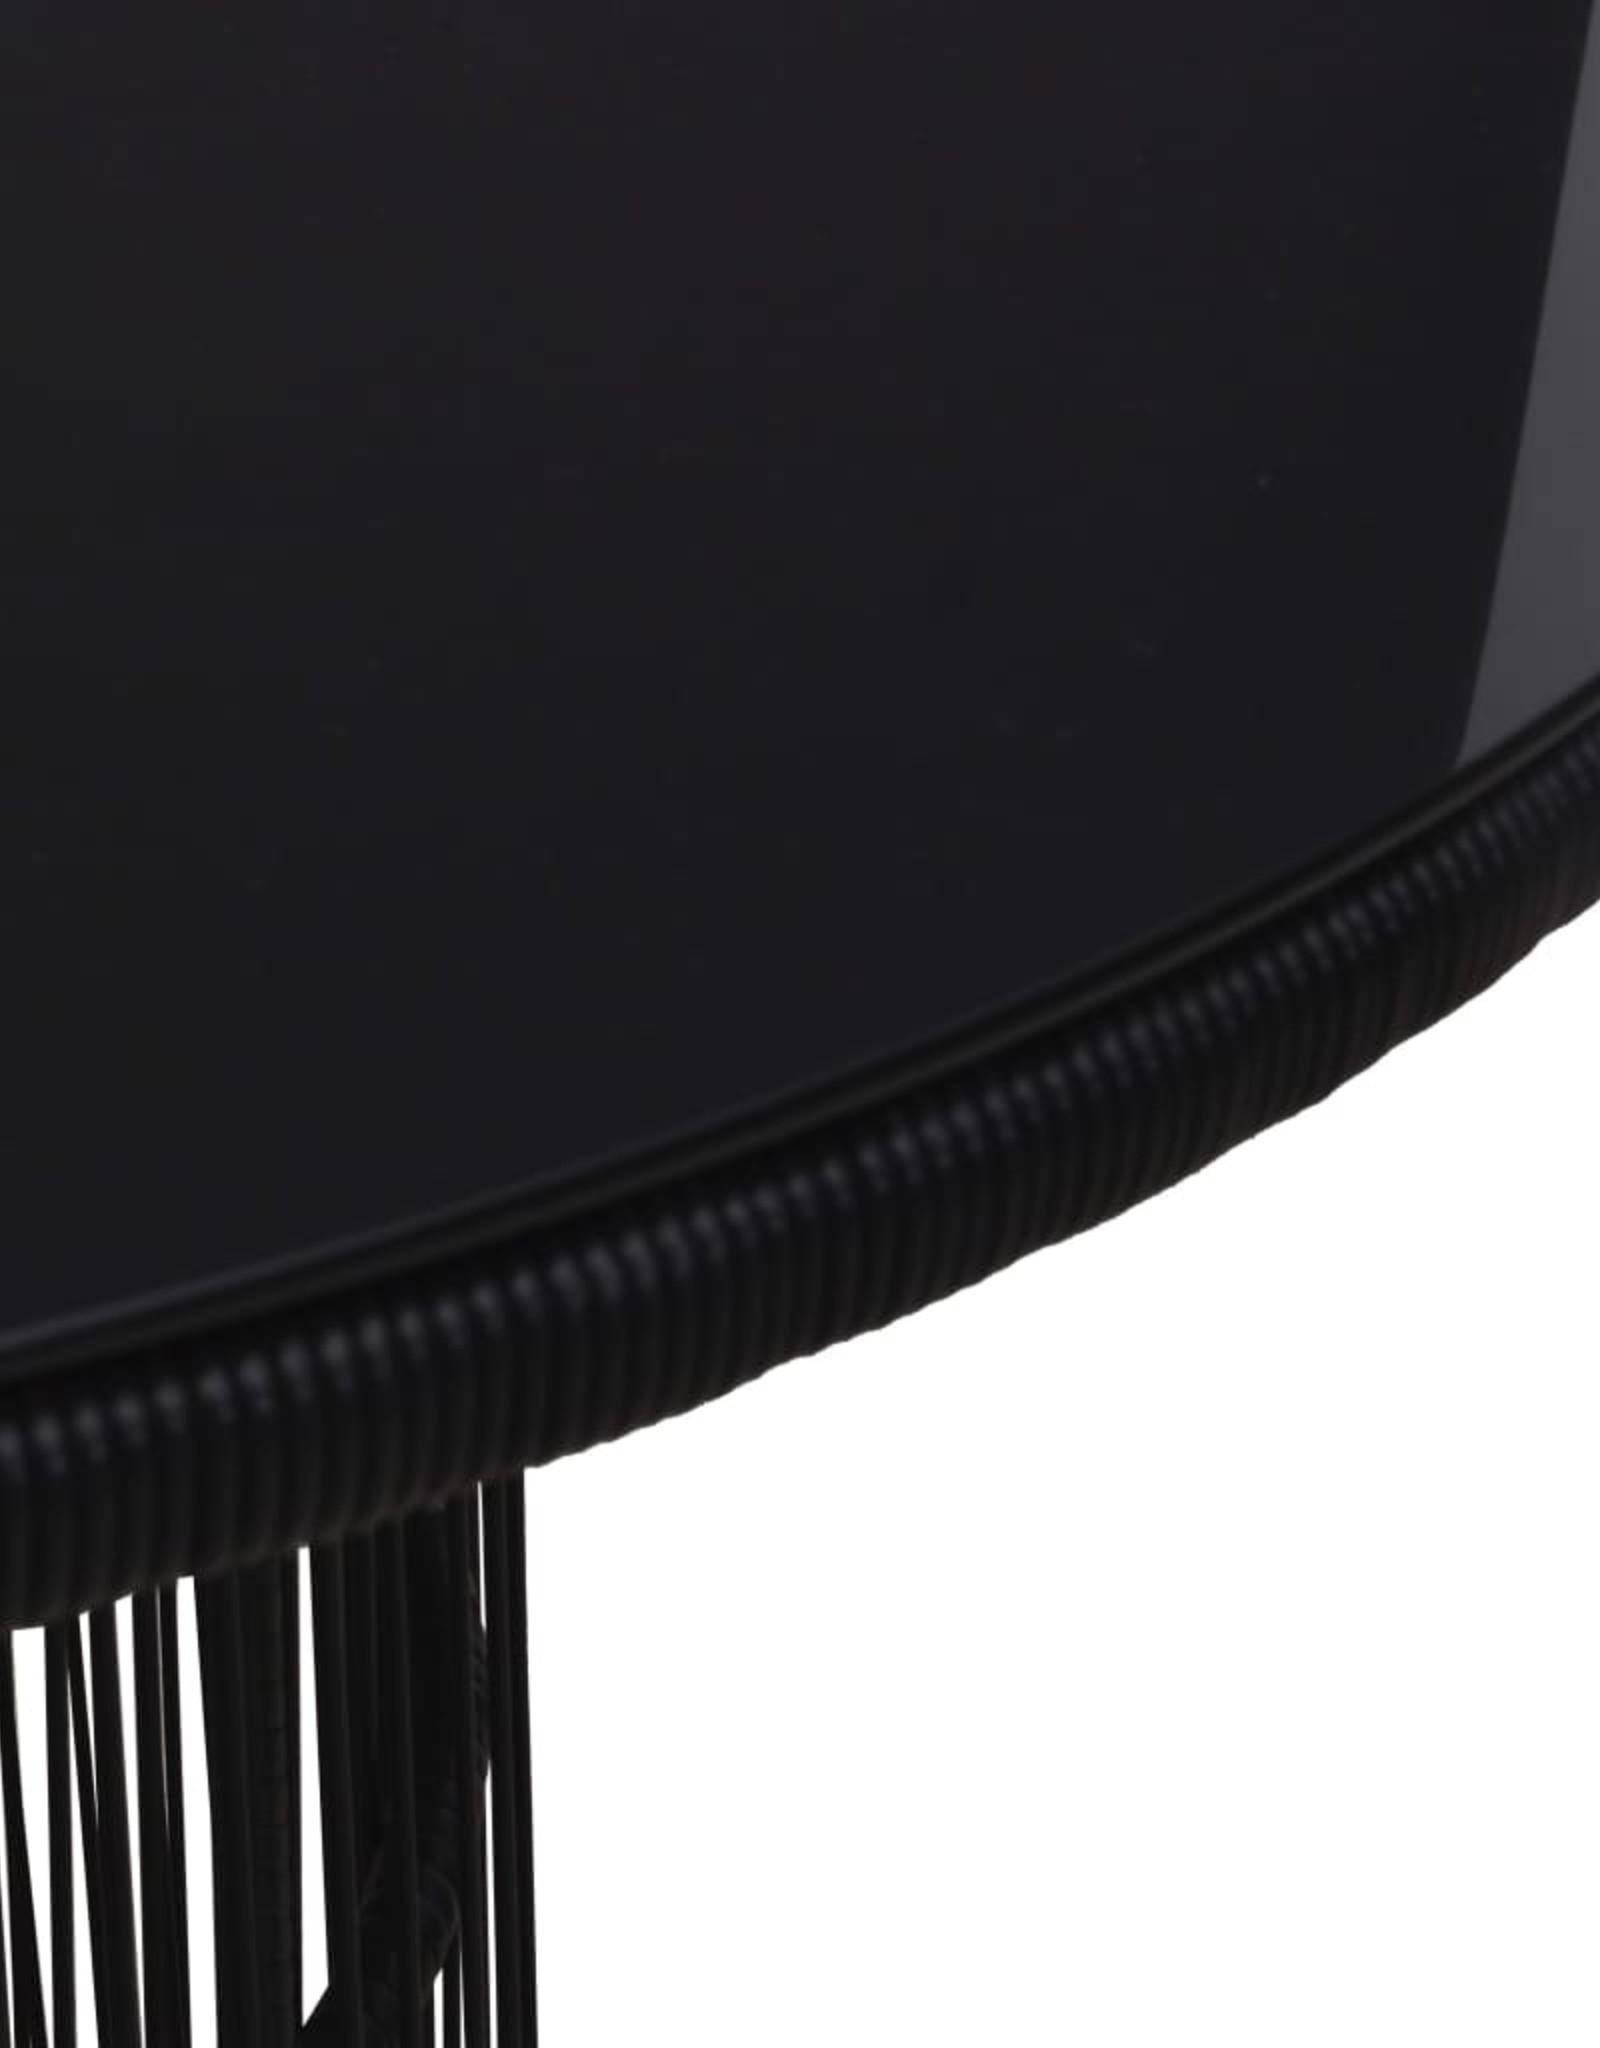 vidaXL 7-delige Eethoek met kussens PVC-rattan zwart